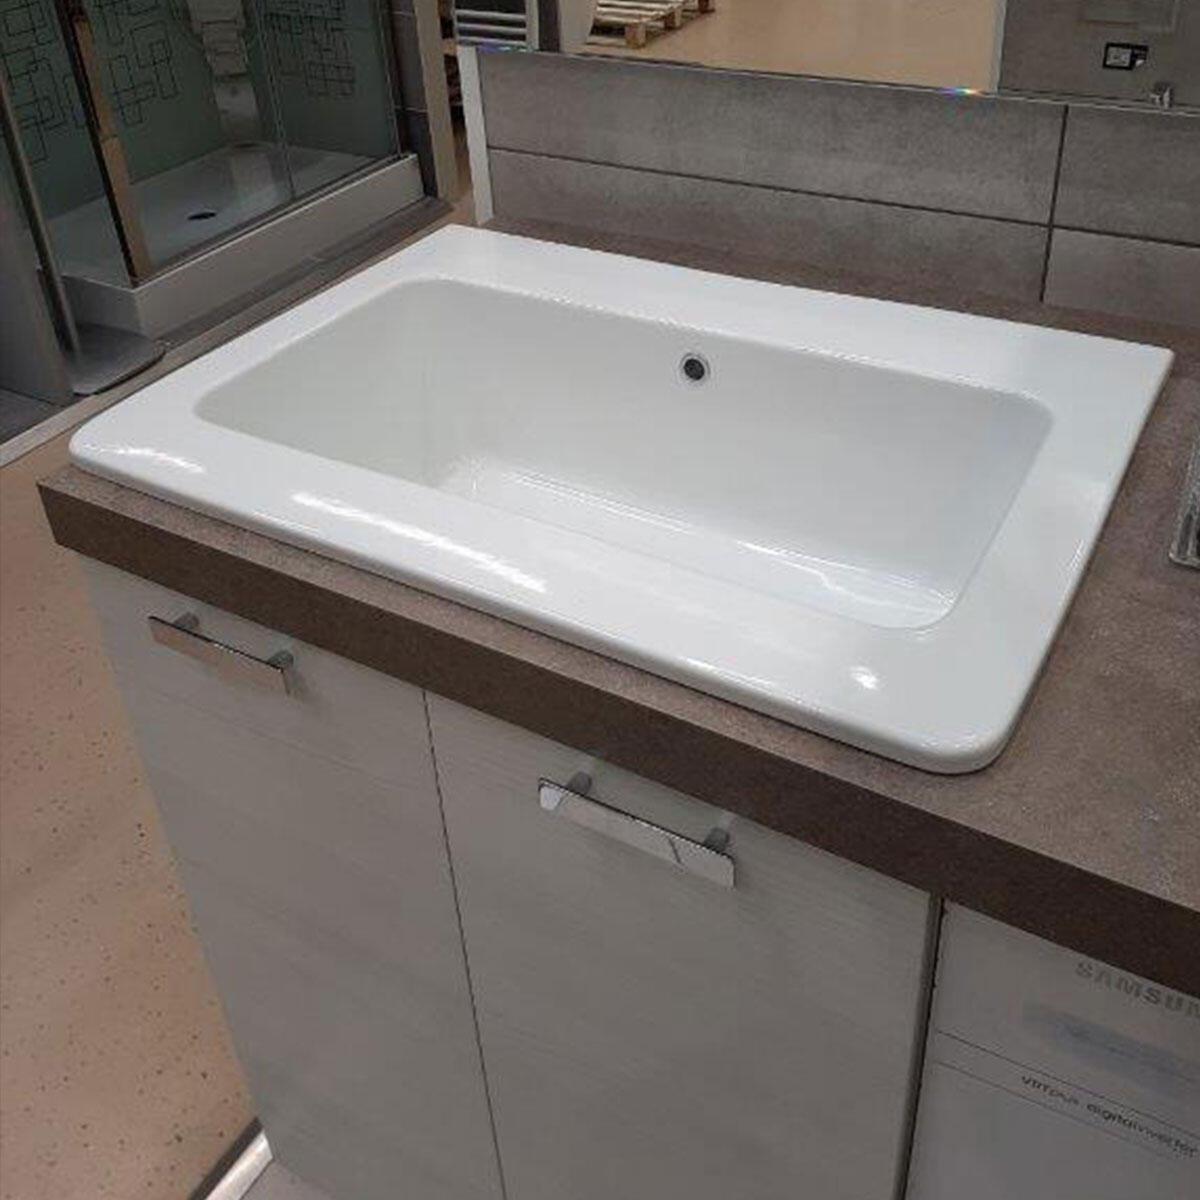 Lavabo Pilozzo Rettangolare Ceramica 70 X 60 Al Miglior Prezzo Leroy Merlin